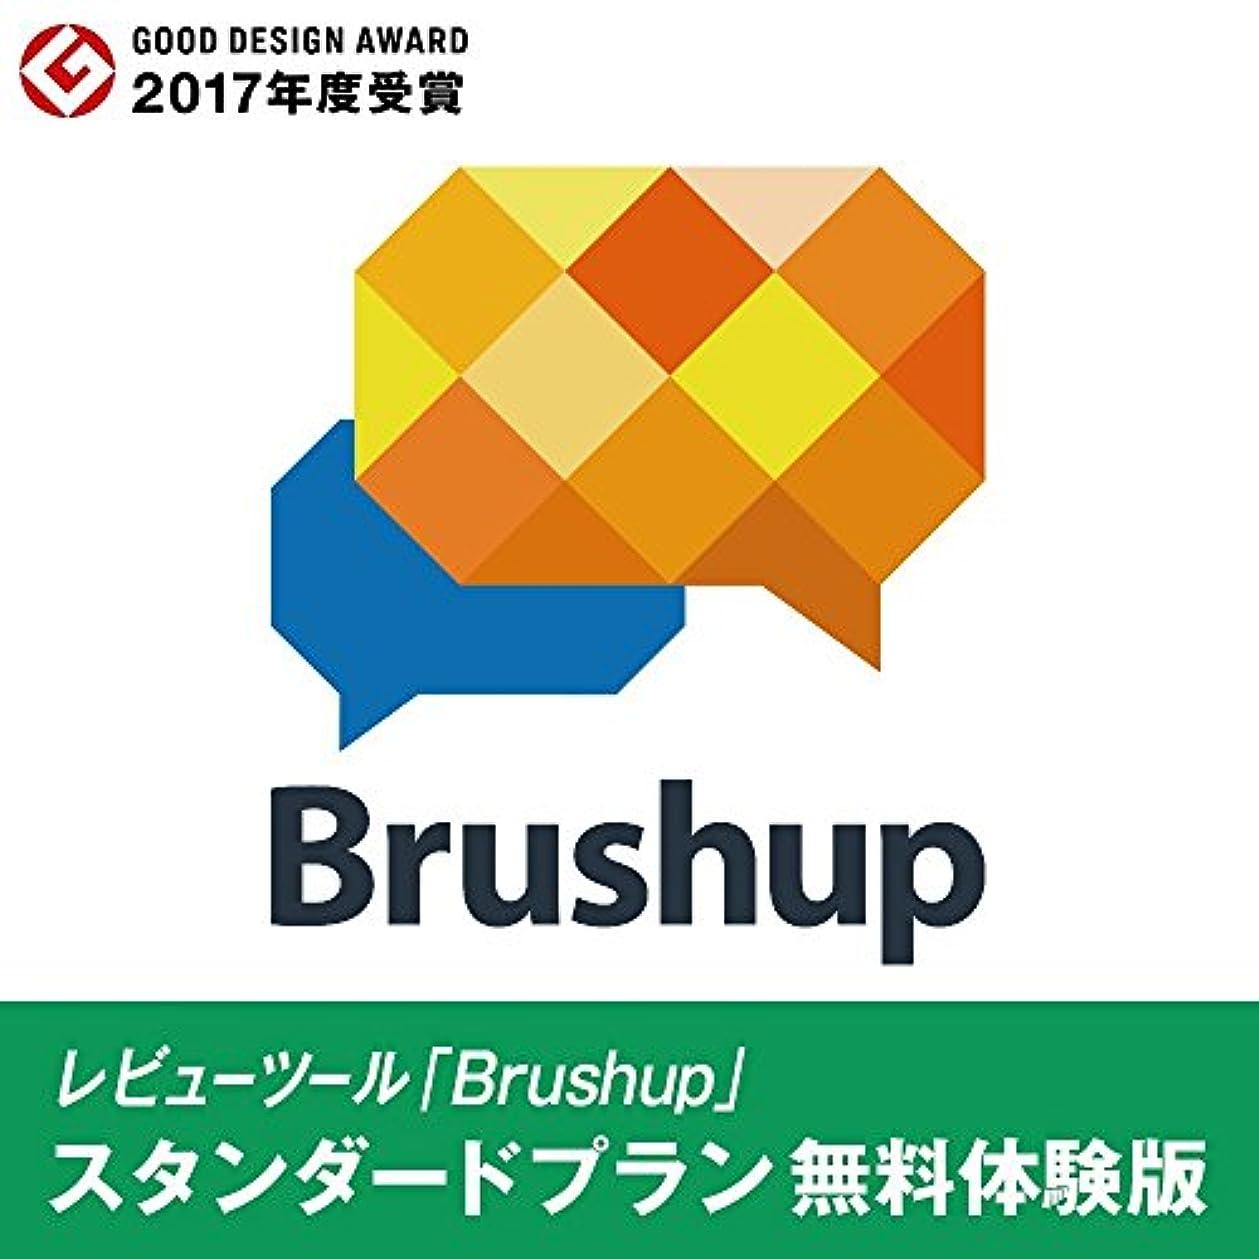 レビューツール Brushup スタンダードプラン | 30日無料体験版 | サブスクリプション(定期更新)